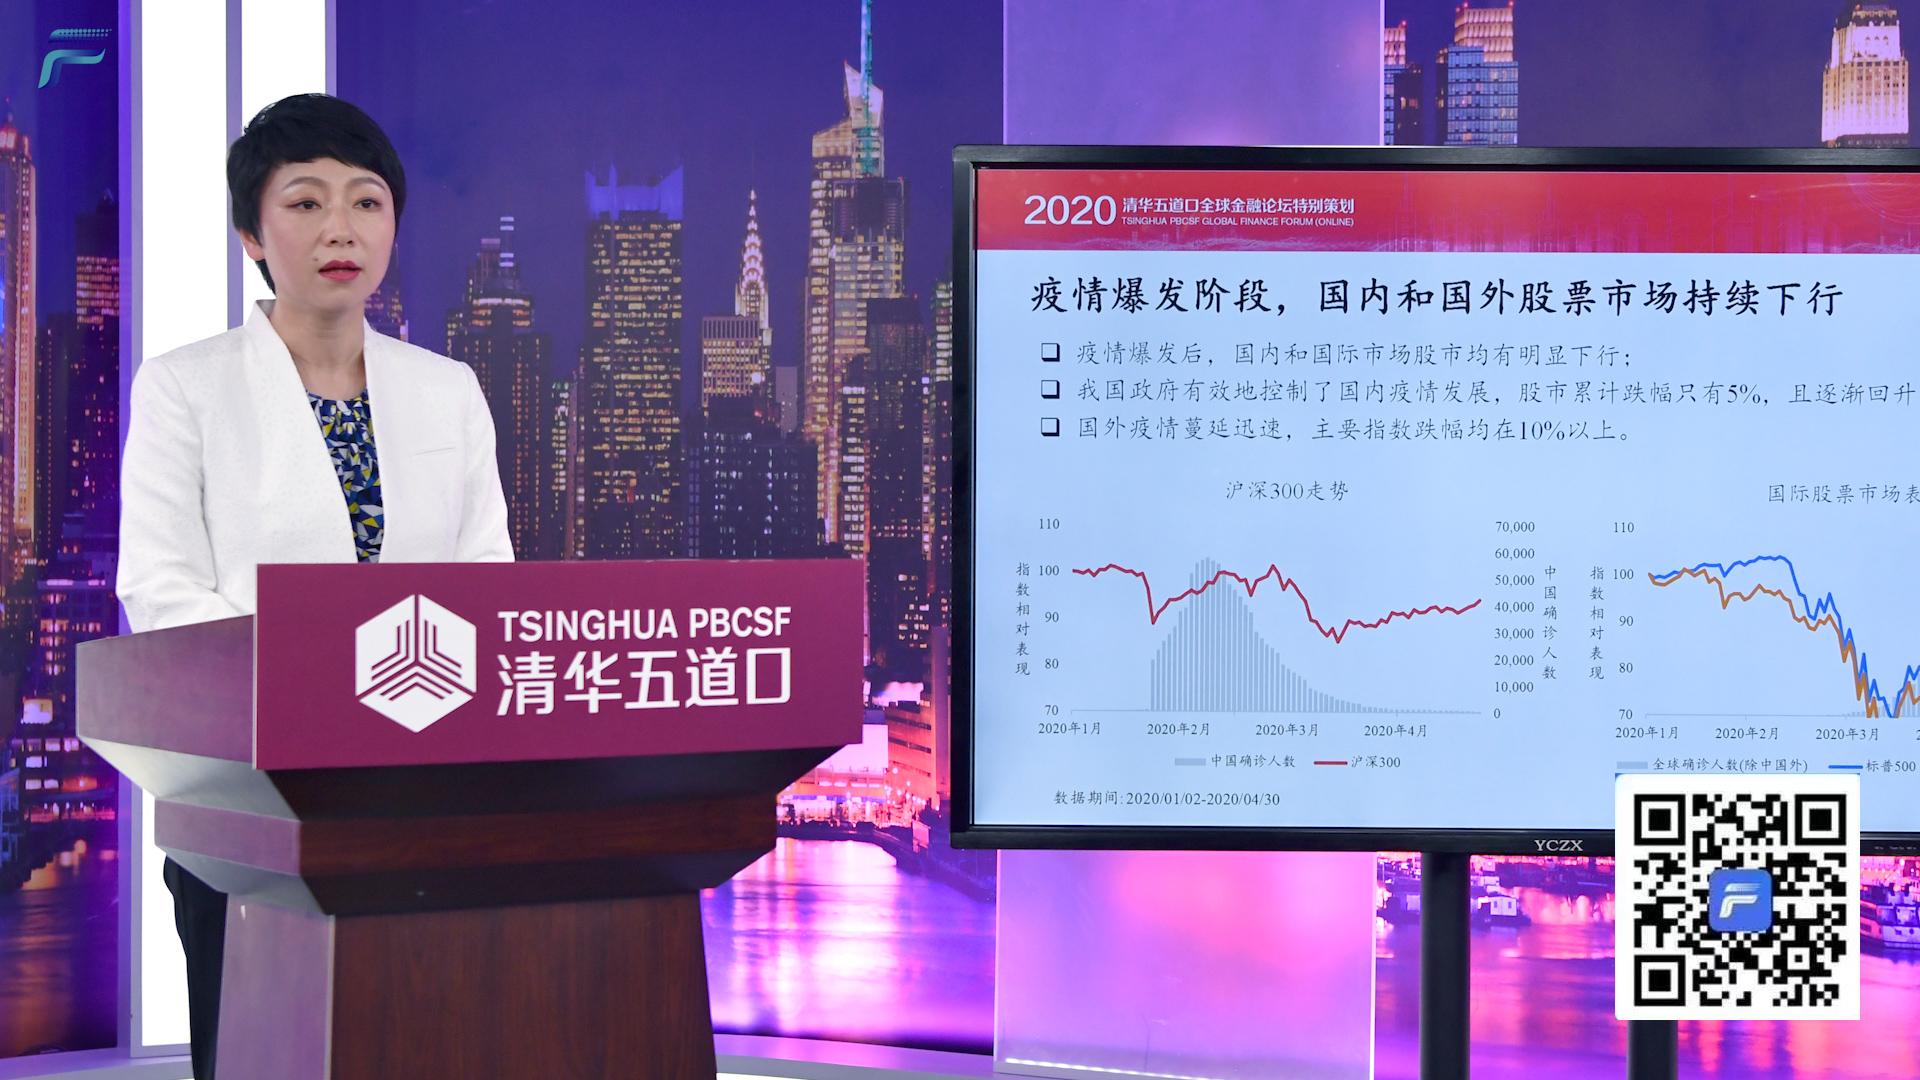 【中国财富报道】张晓燕:人工智能未来在投资领域是趋势